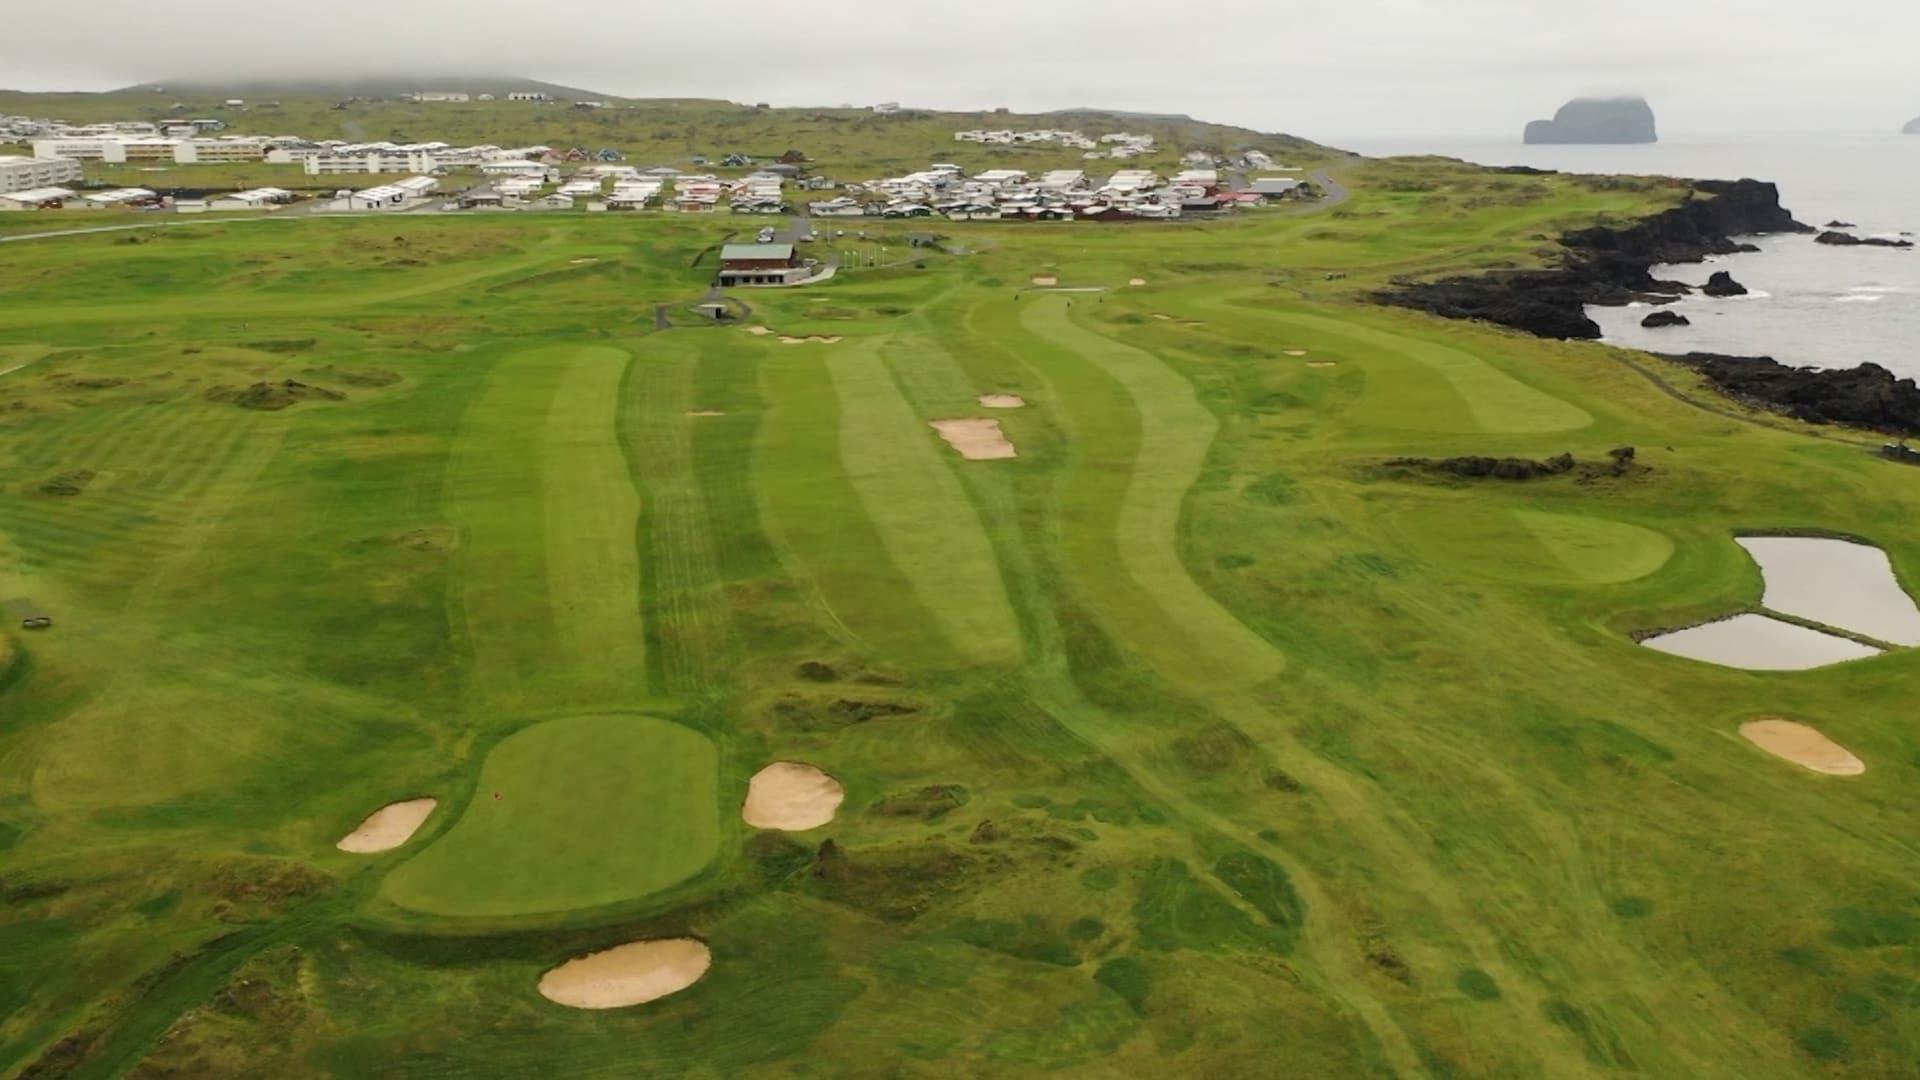 فوق بركان خامد بإحدى جزر أيسلندا.. تجربة للعب الغولف ليس لها مثيل حول العالم